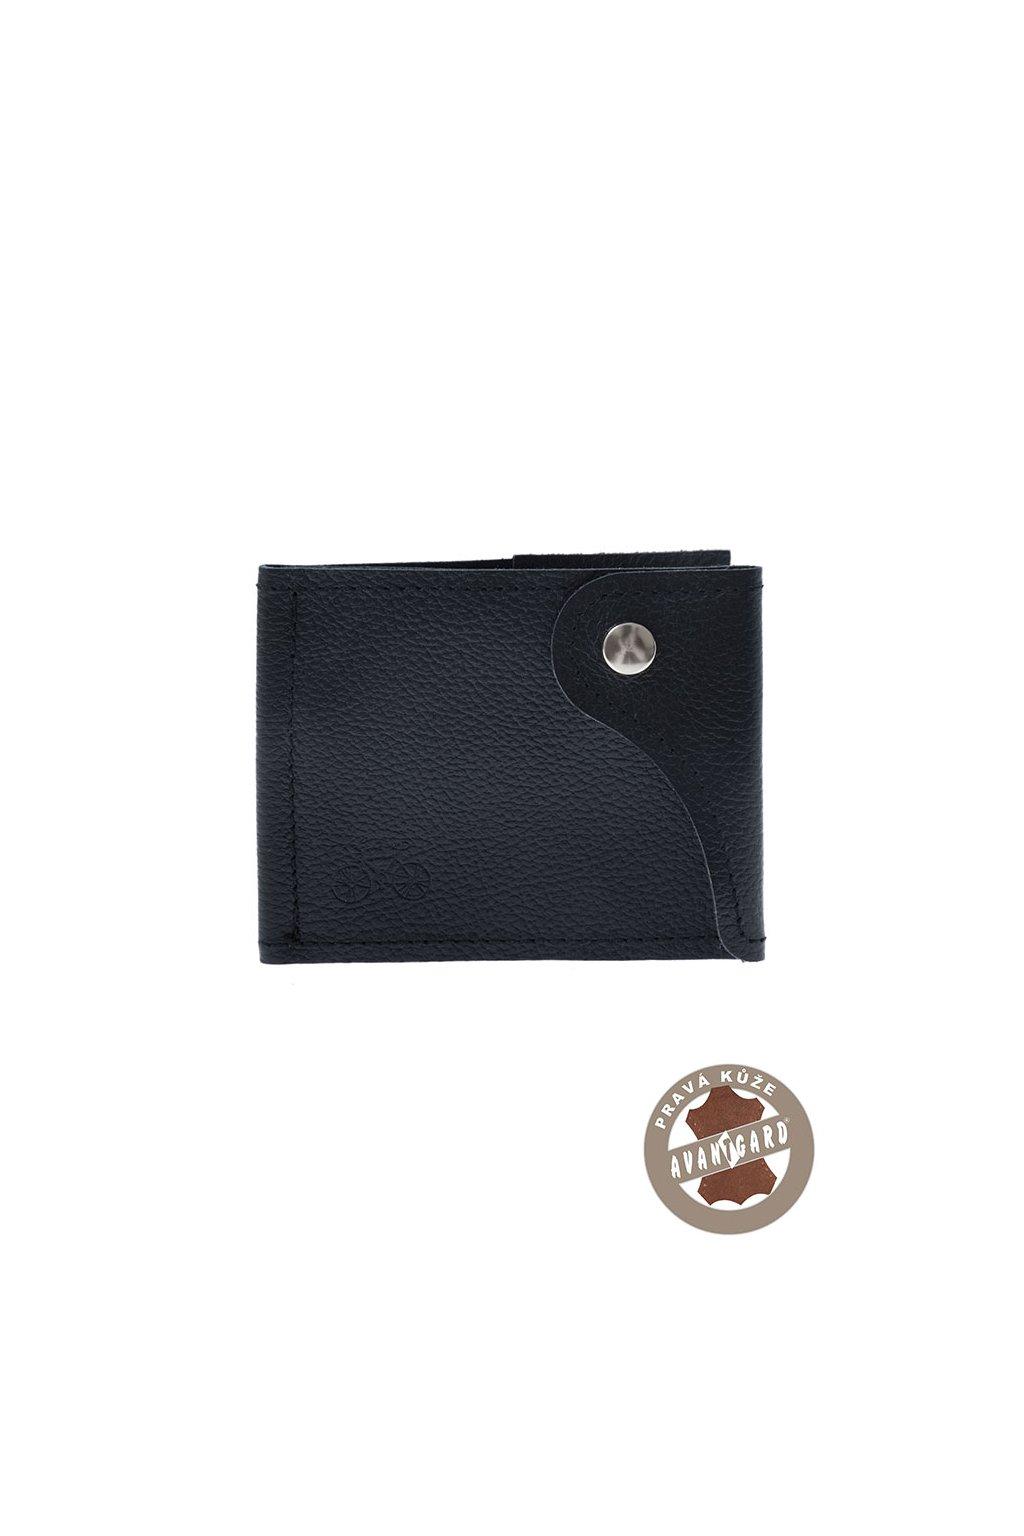 Pánská peněženka z pravé kůže modrá/kolo 800 - 313109